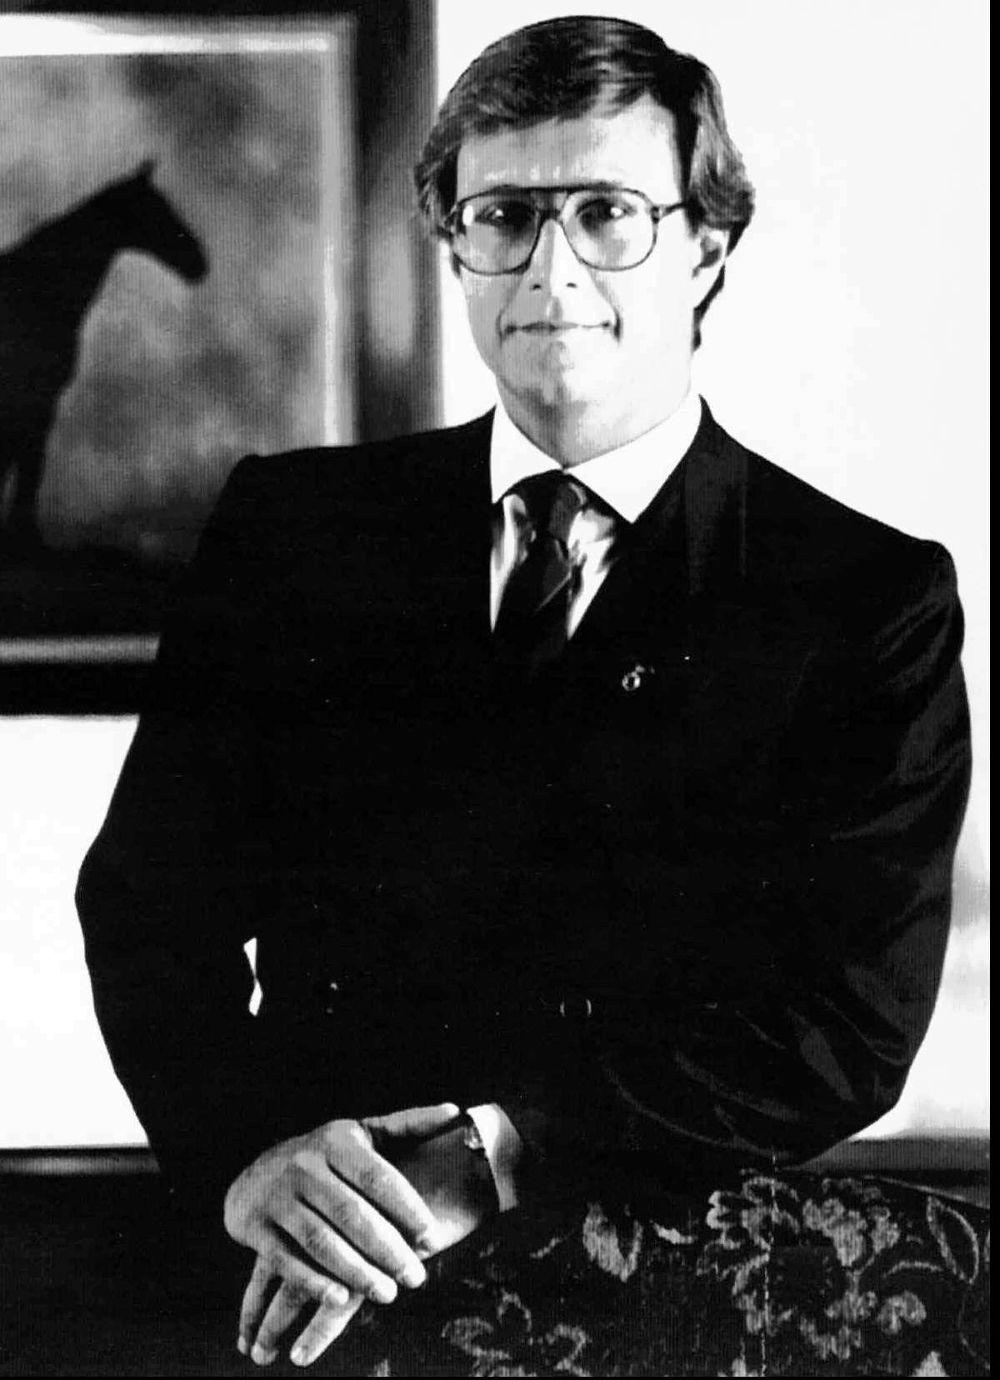 O Mauriccio Gucci εγγονός του ιδρυτή του οίκου που δολοφονήθηκε το 1995